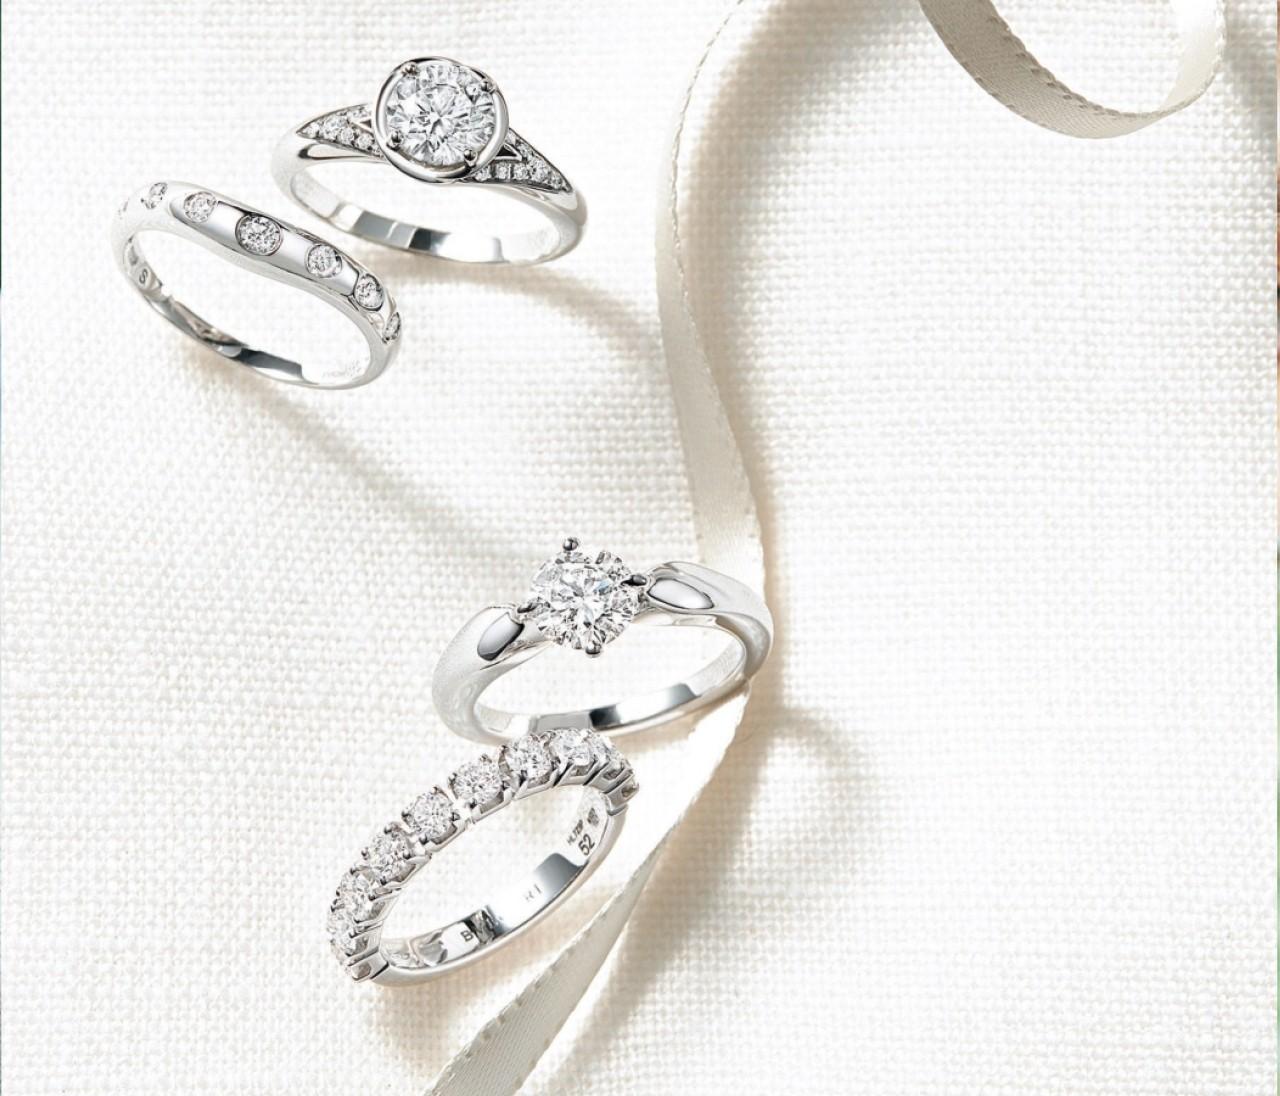 【ブルガリの結婚指輪】オーセンティック&エレガンスで選ぶならブルガリのリング